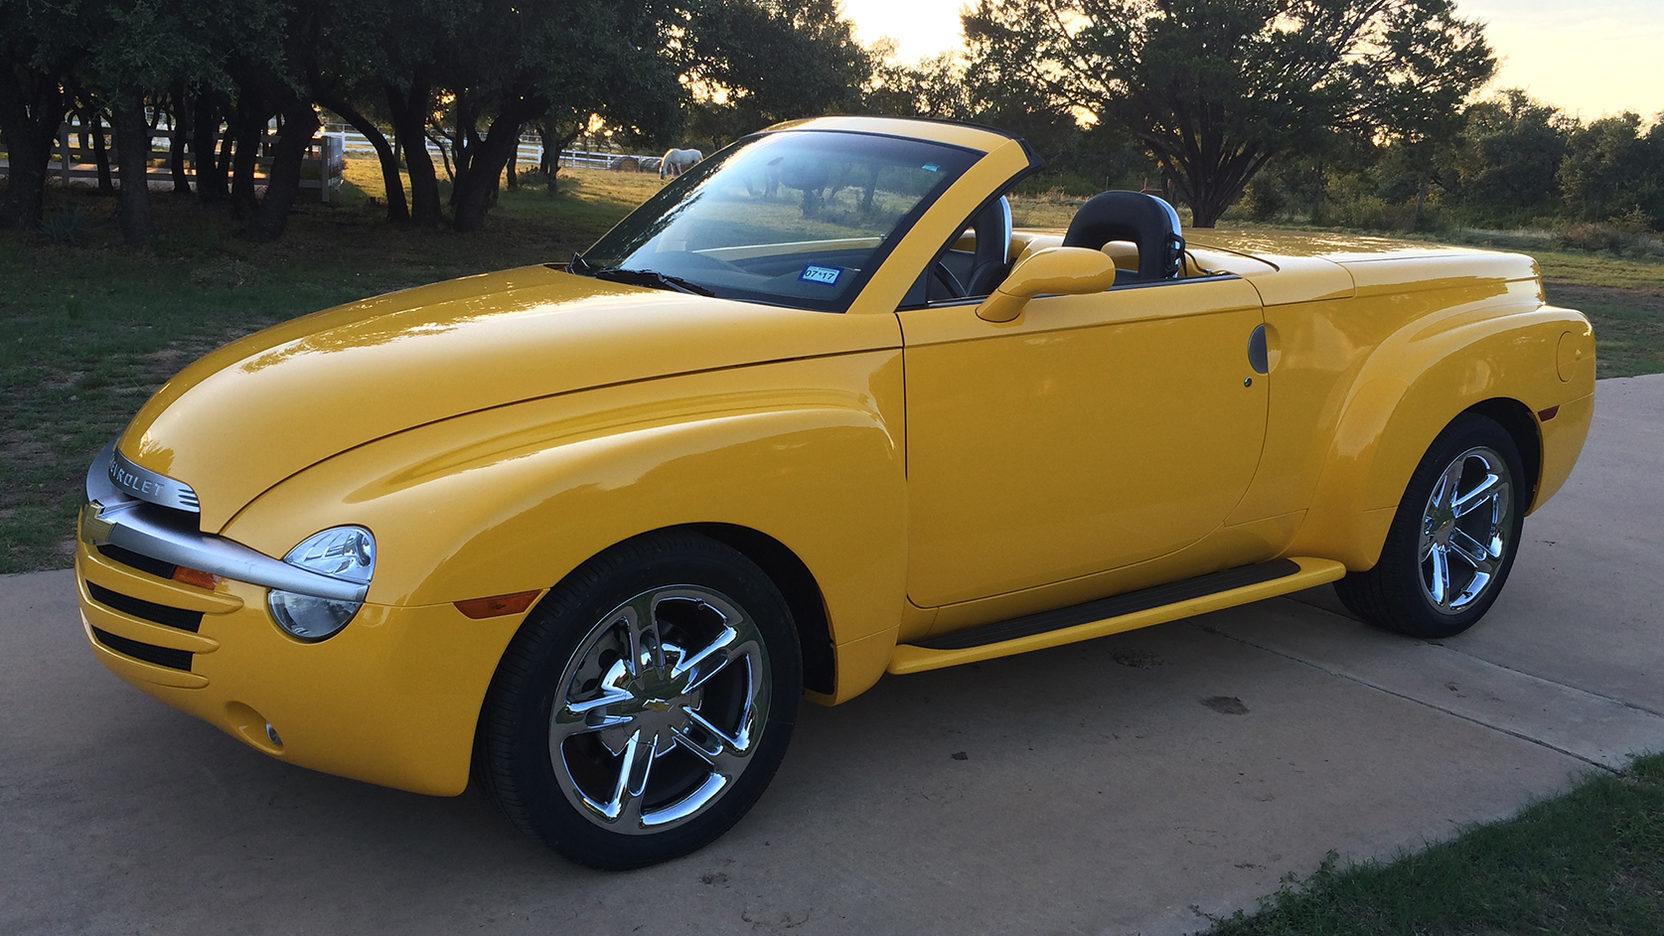 Chevrolet SSR was a pickup/hot rod mashup thumbnail